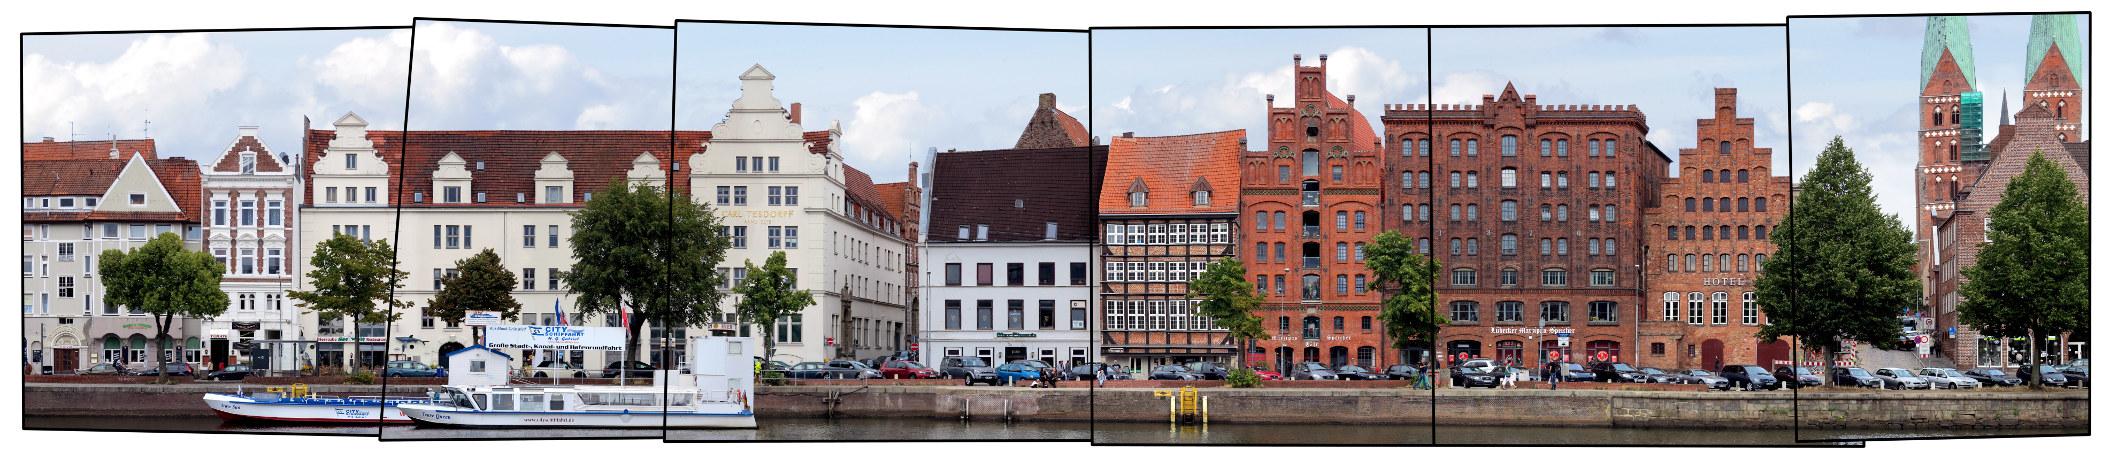 Lübeck An der Untertrave Panorama Deutschland Schleswig-Holstein